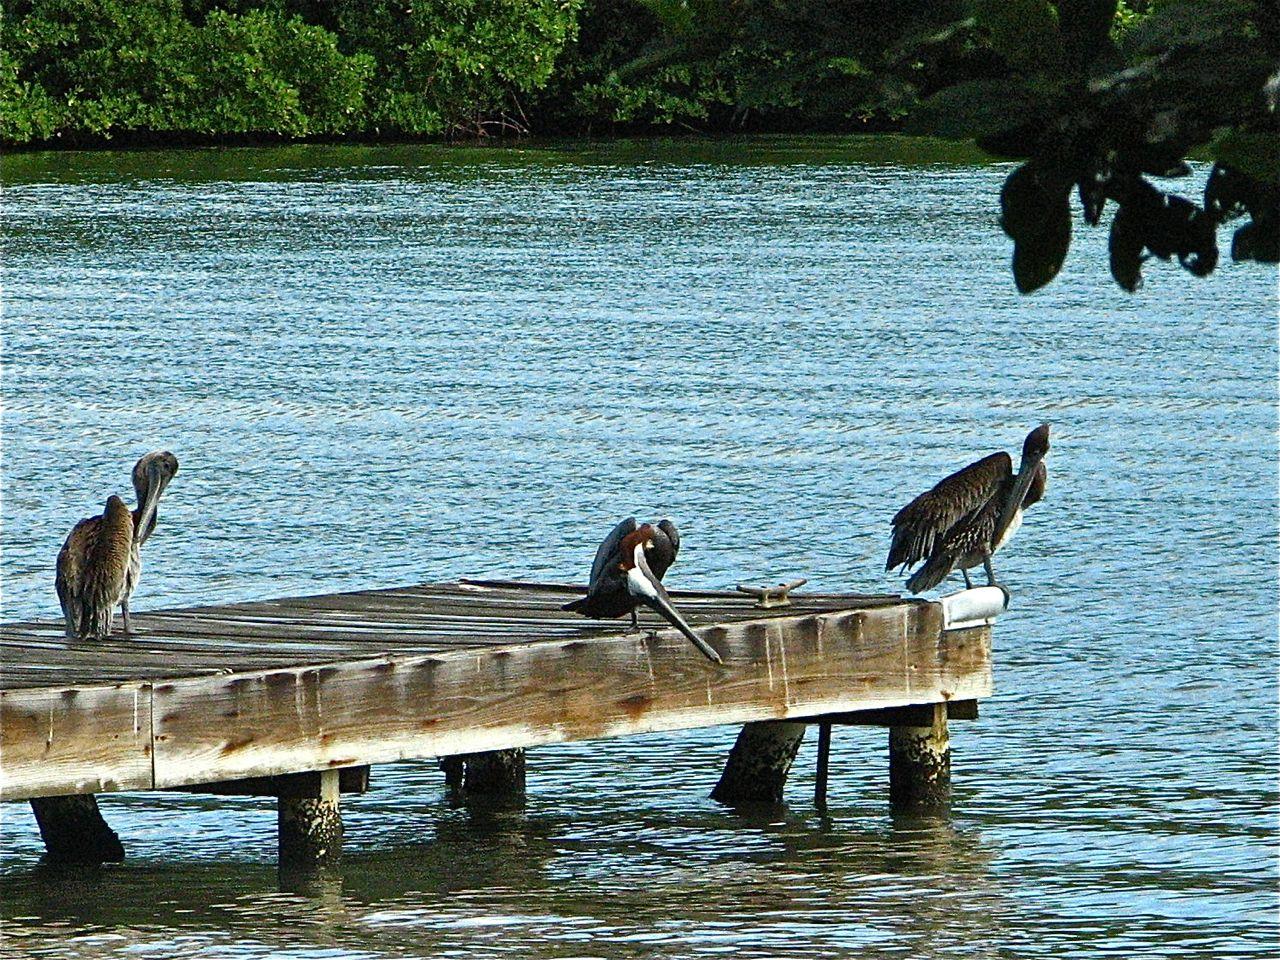 Island Woman's Culebra: A Fine Art